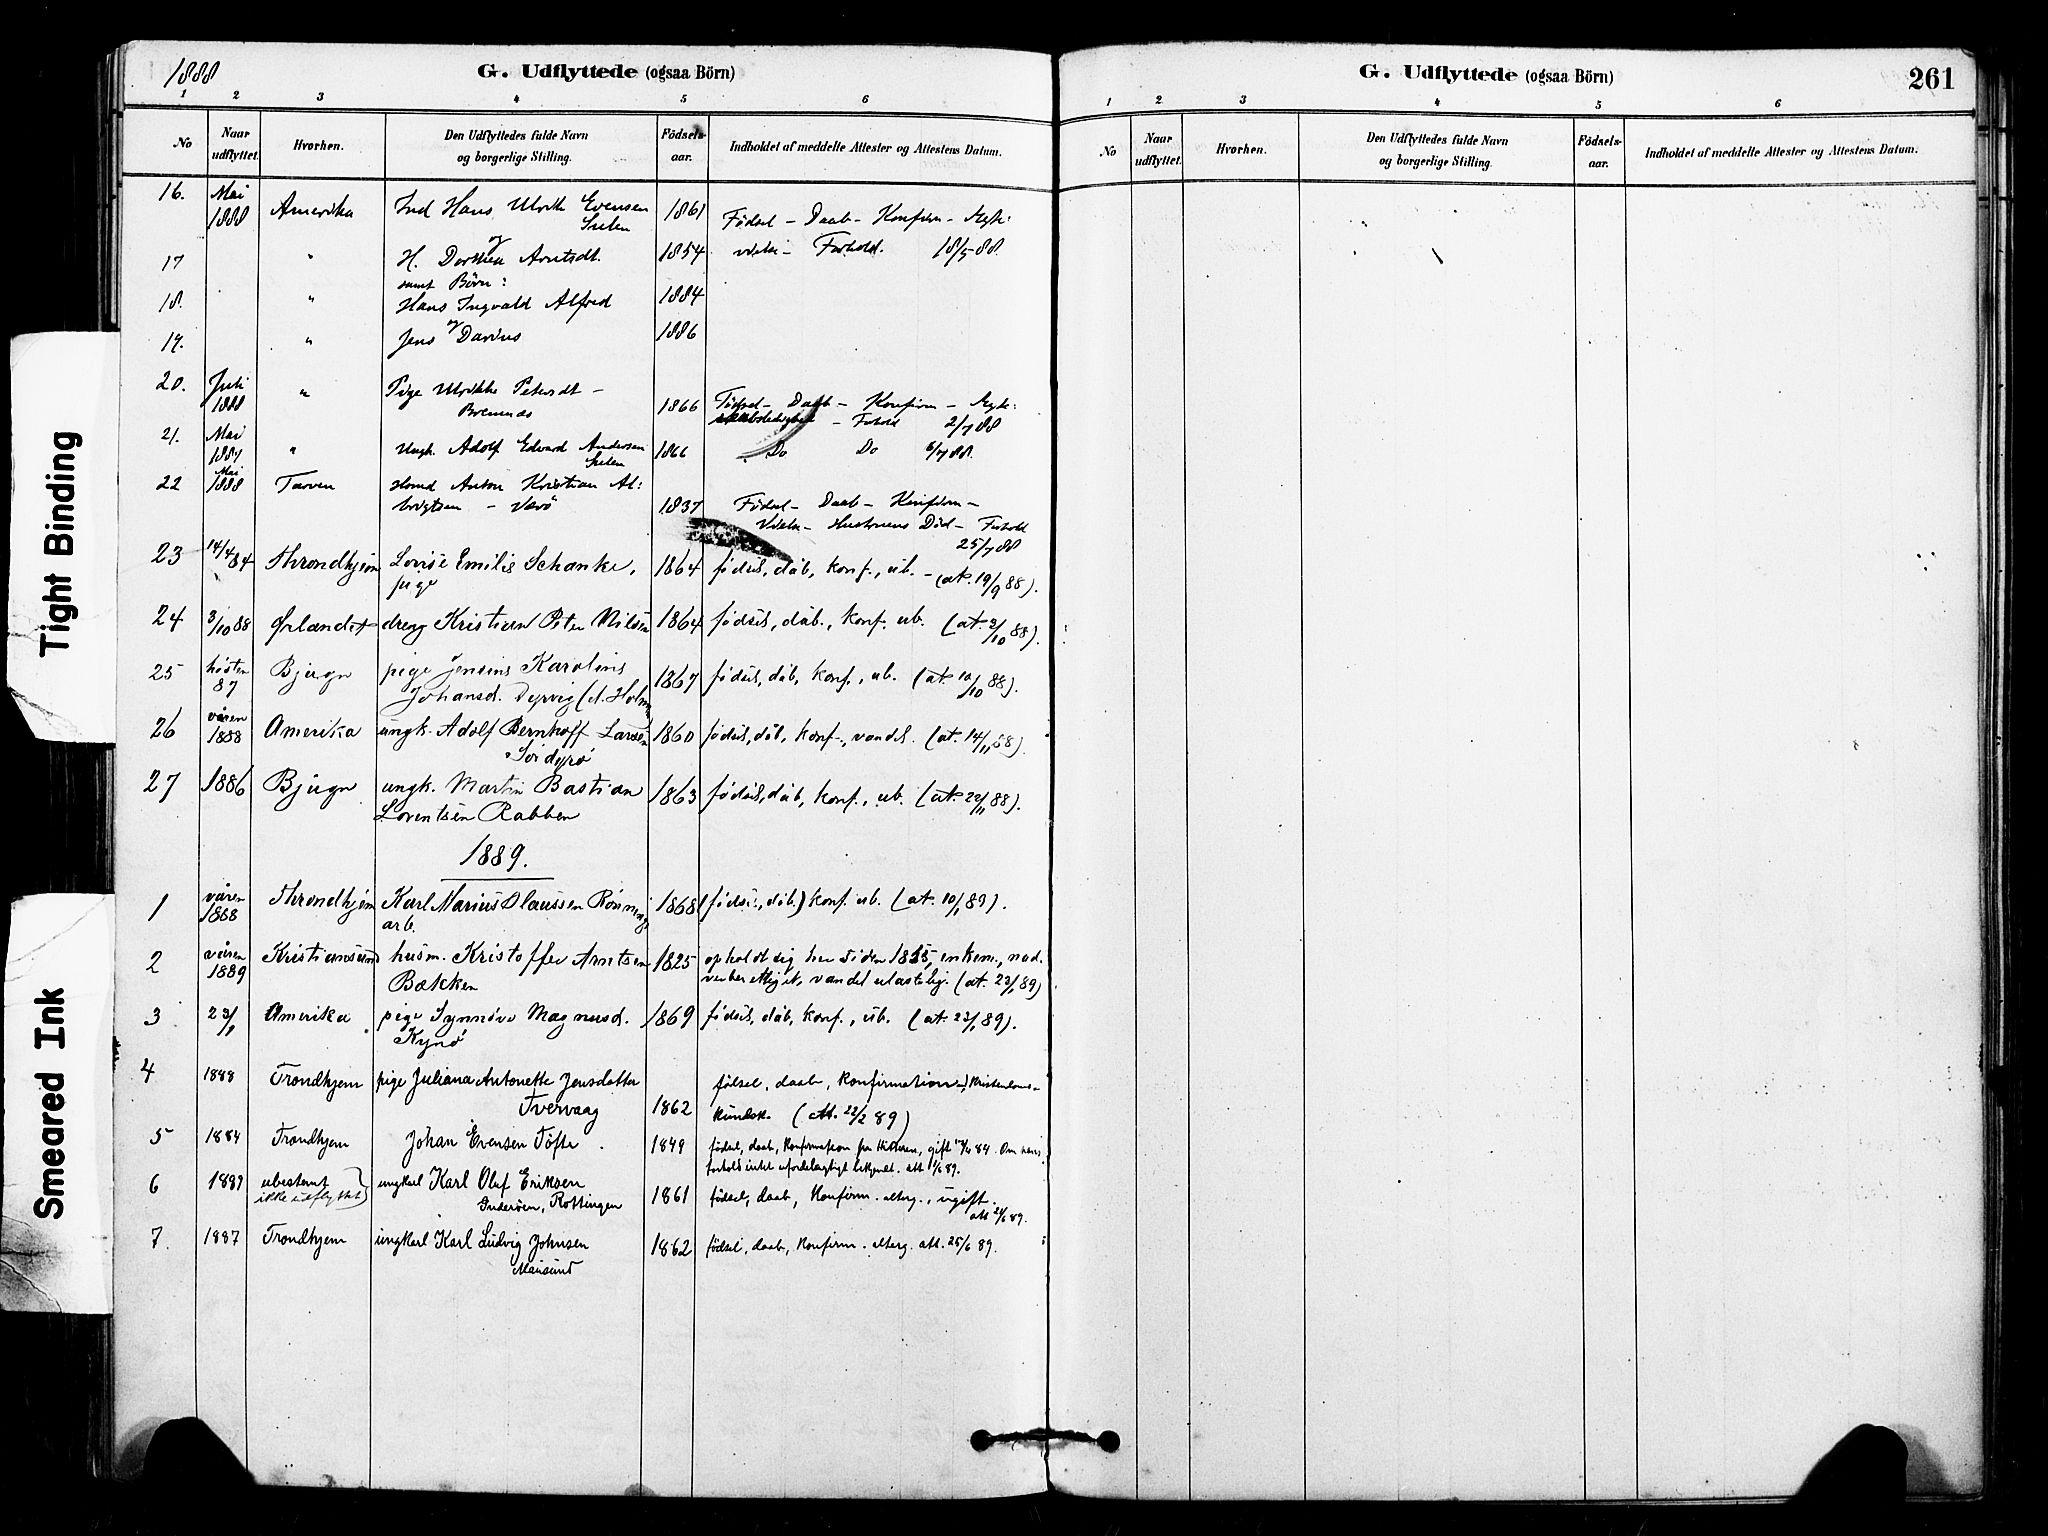 SAT, Ministerialprotokoller, klokkerbøker og fødselsregistre - Sør-Trøndelag, 640/L0578: Ministerialbok nr. 640A03, 1879-1889, s. 261